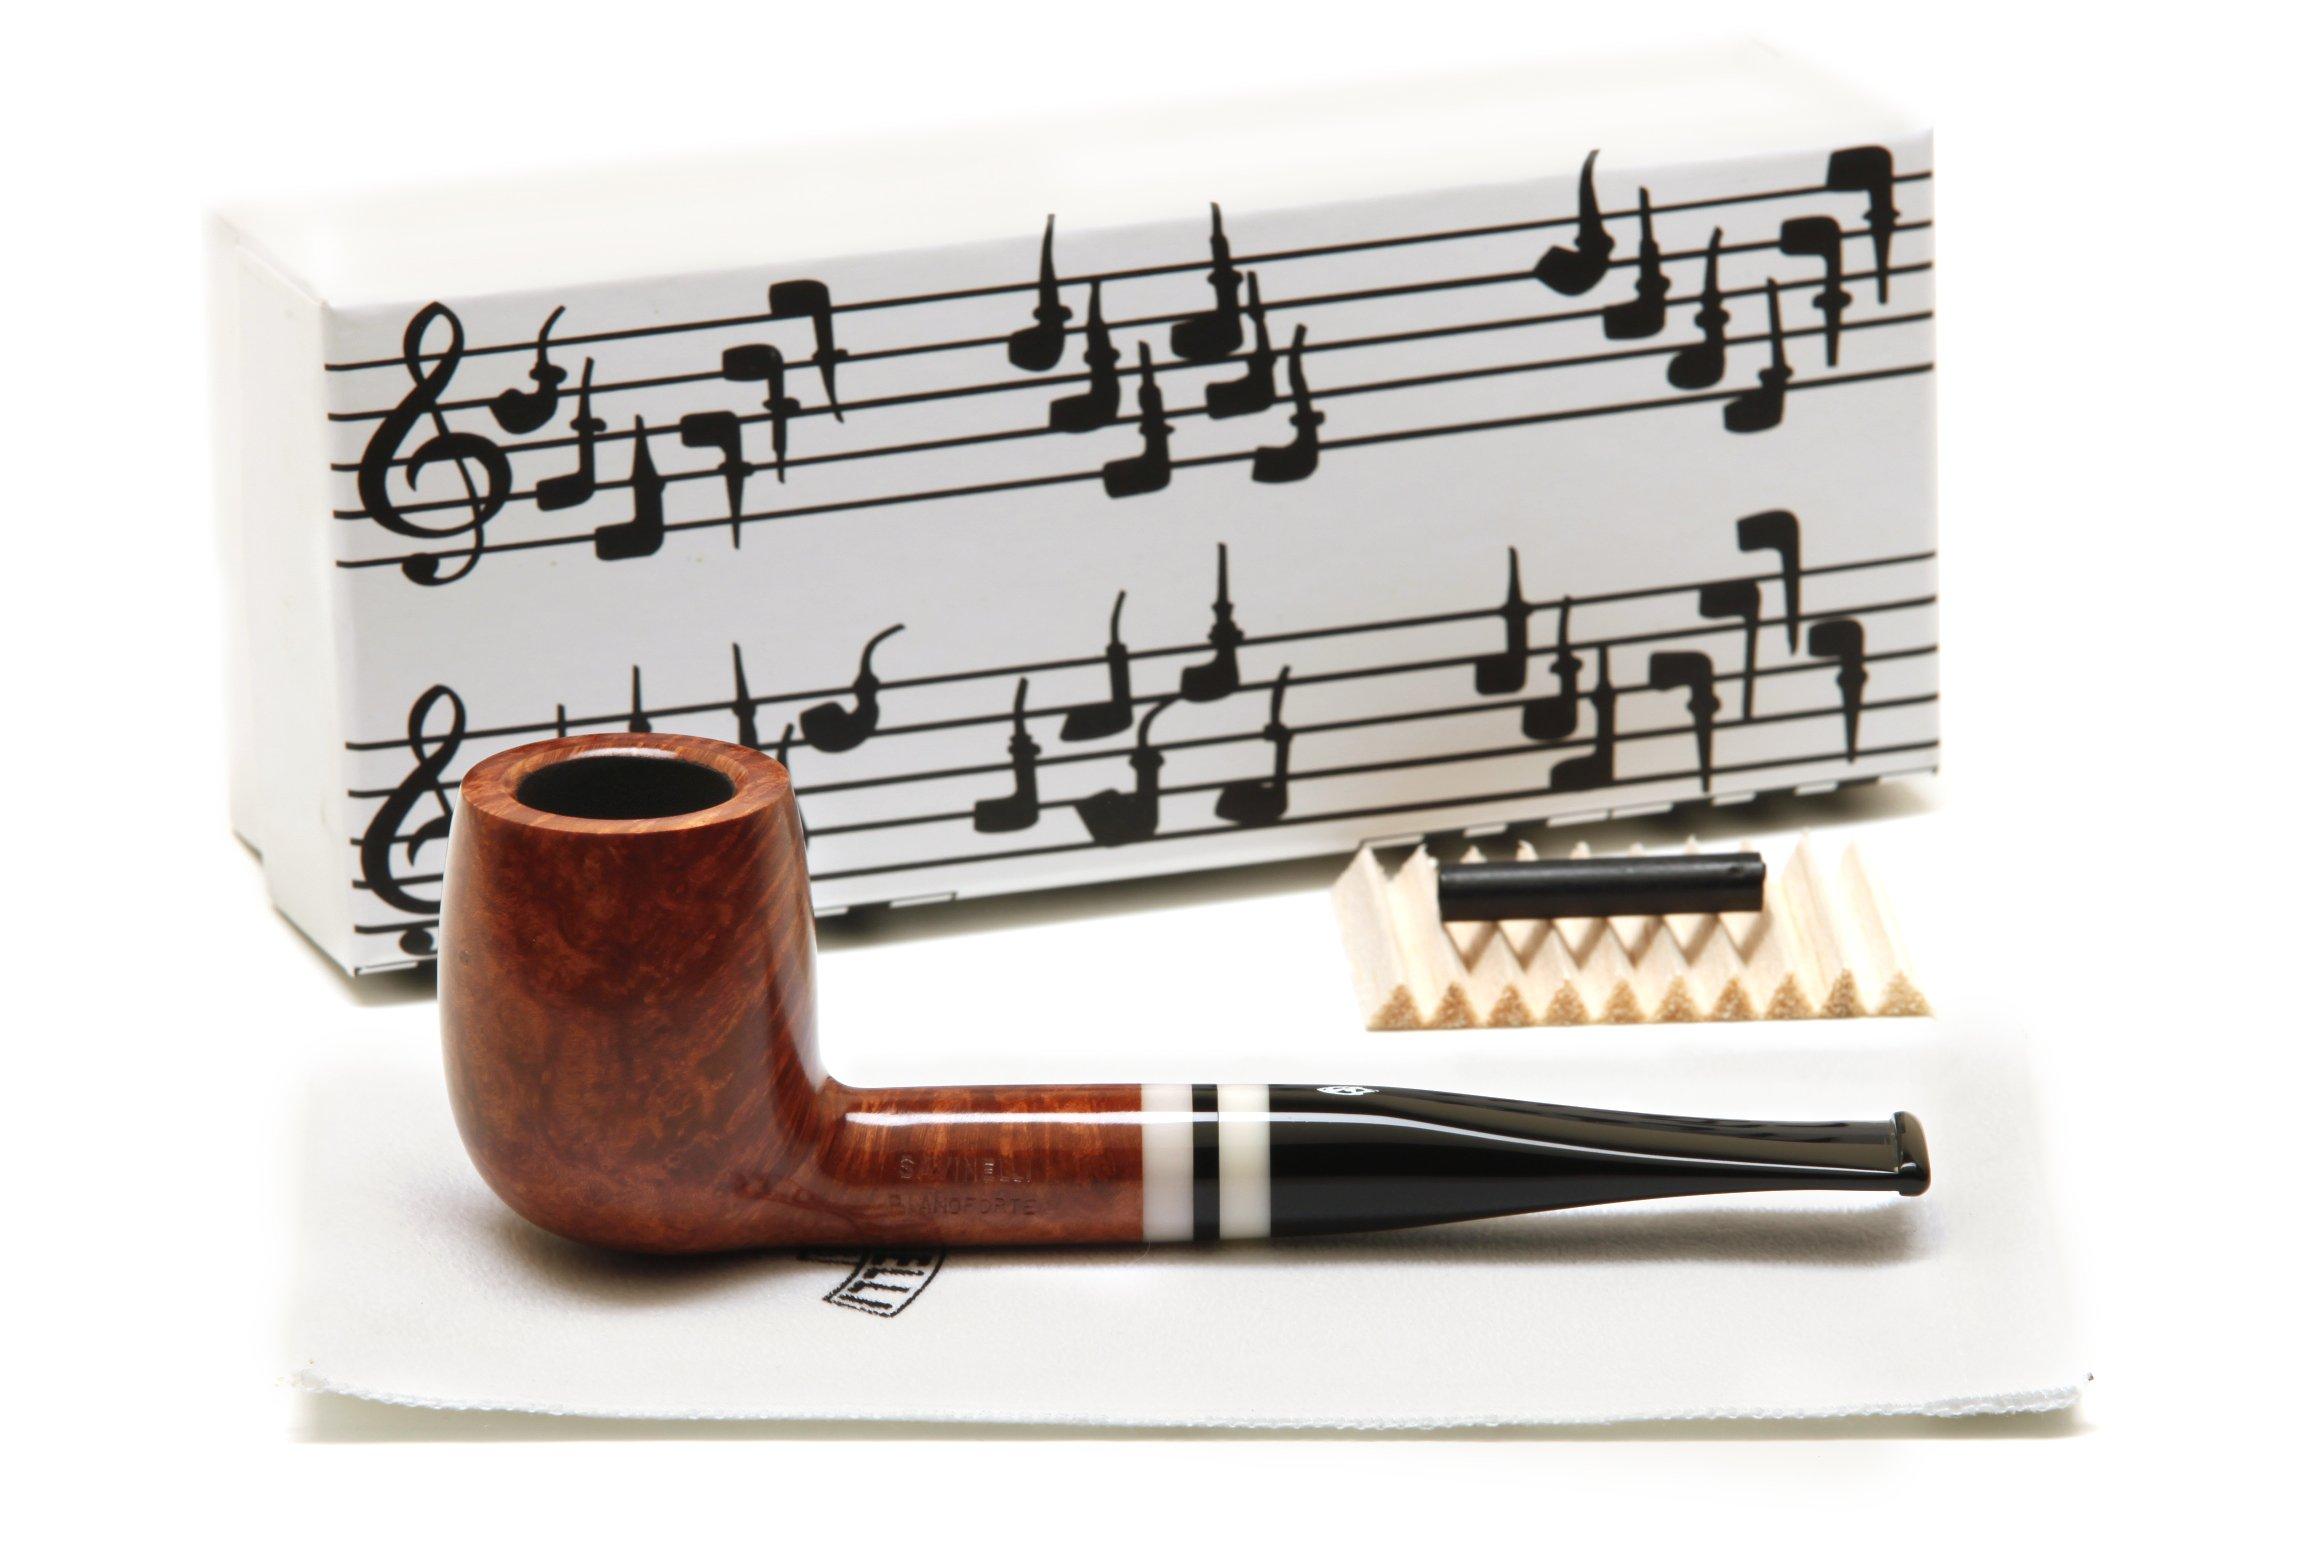 Savinelli Pianoforte 128 Smooth Tobacco Pipe